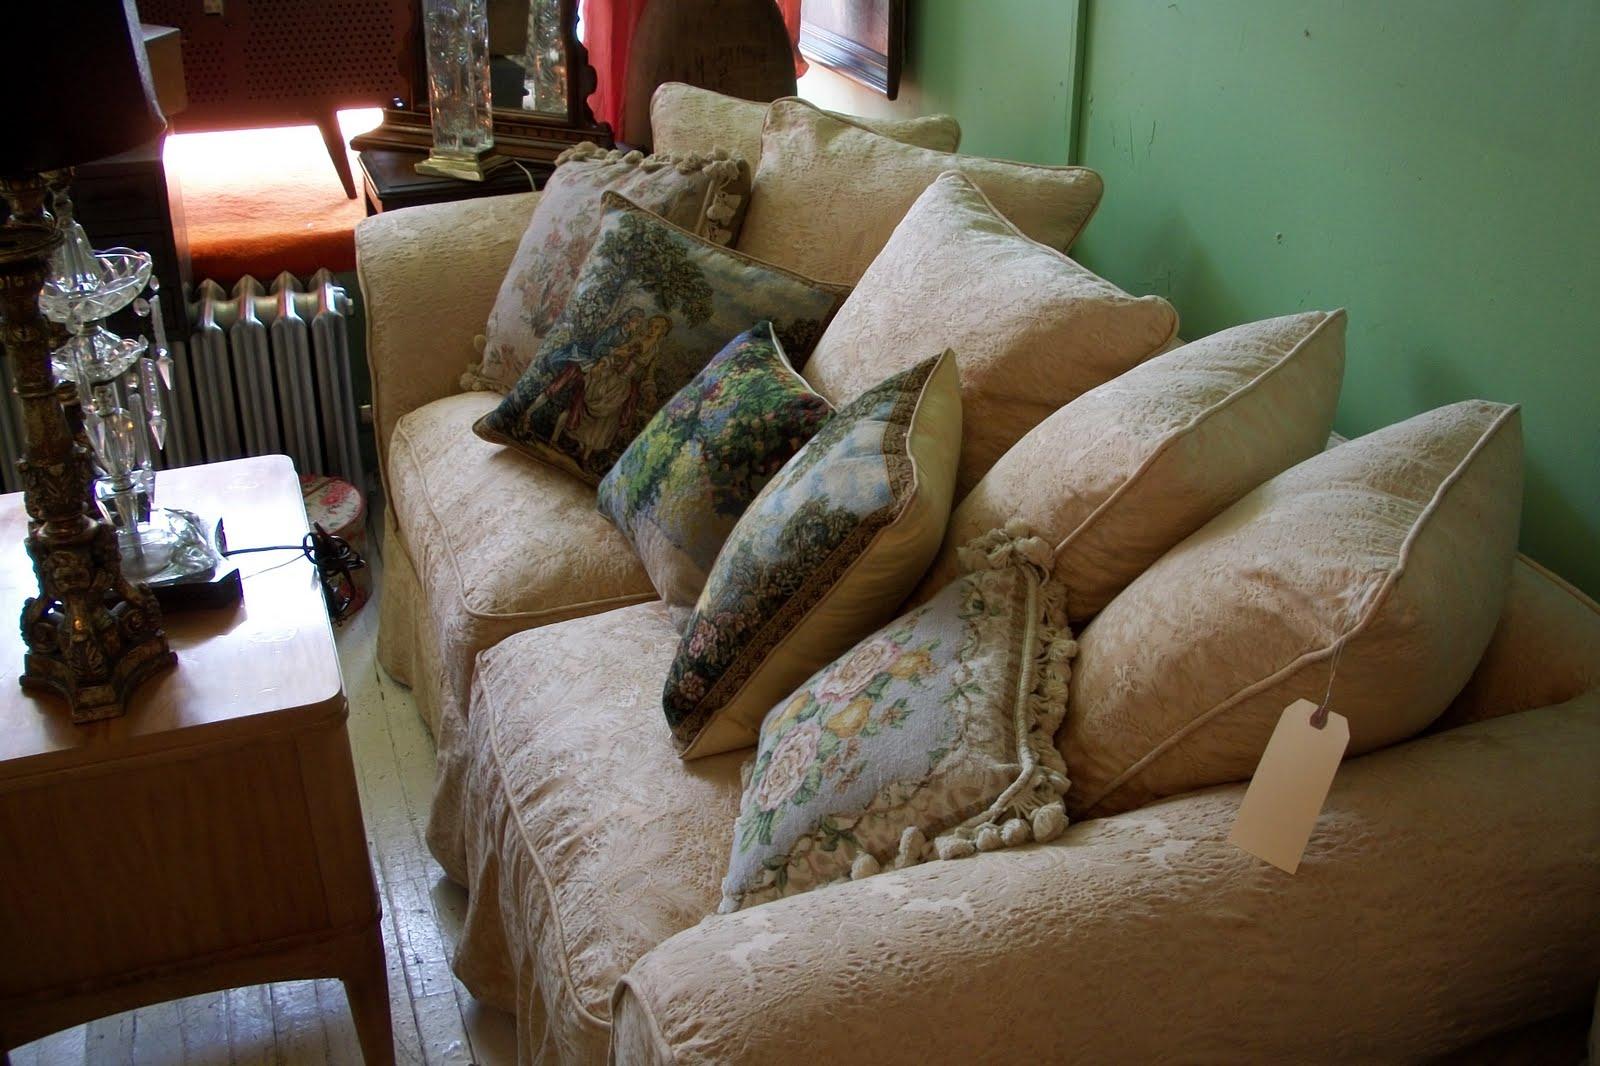 Rachel Shabby Chic Sofa